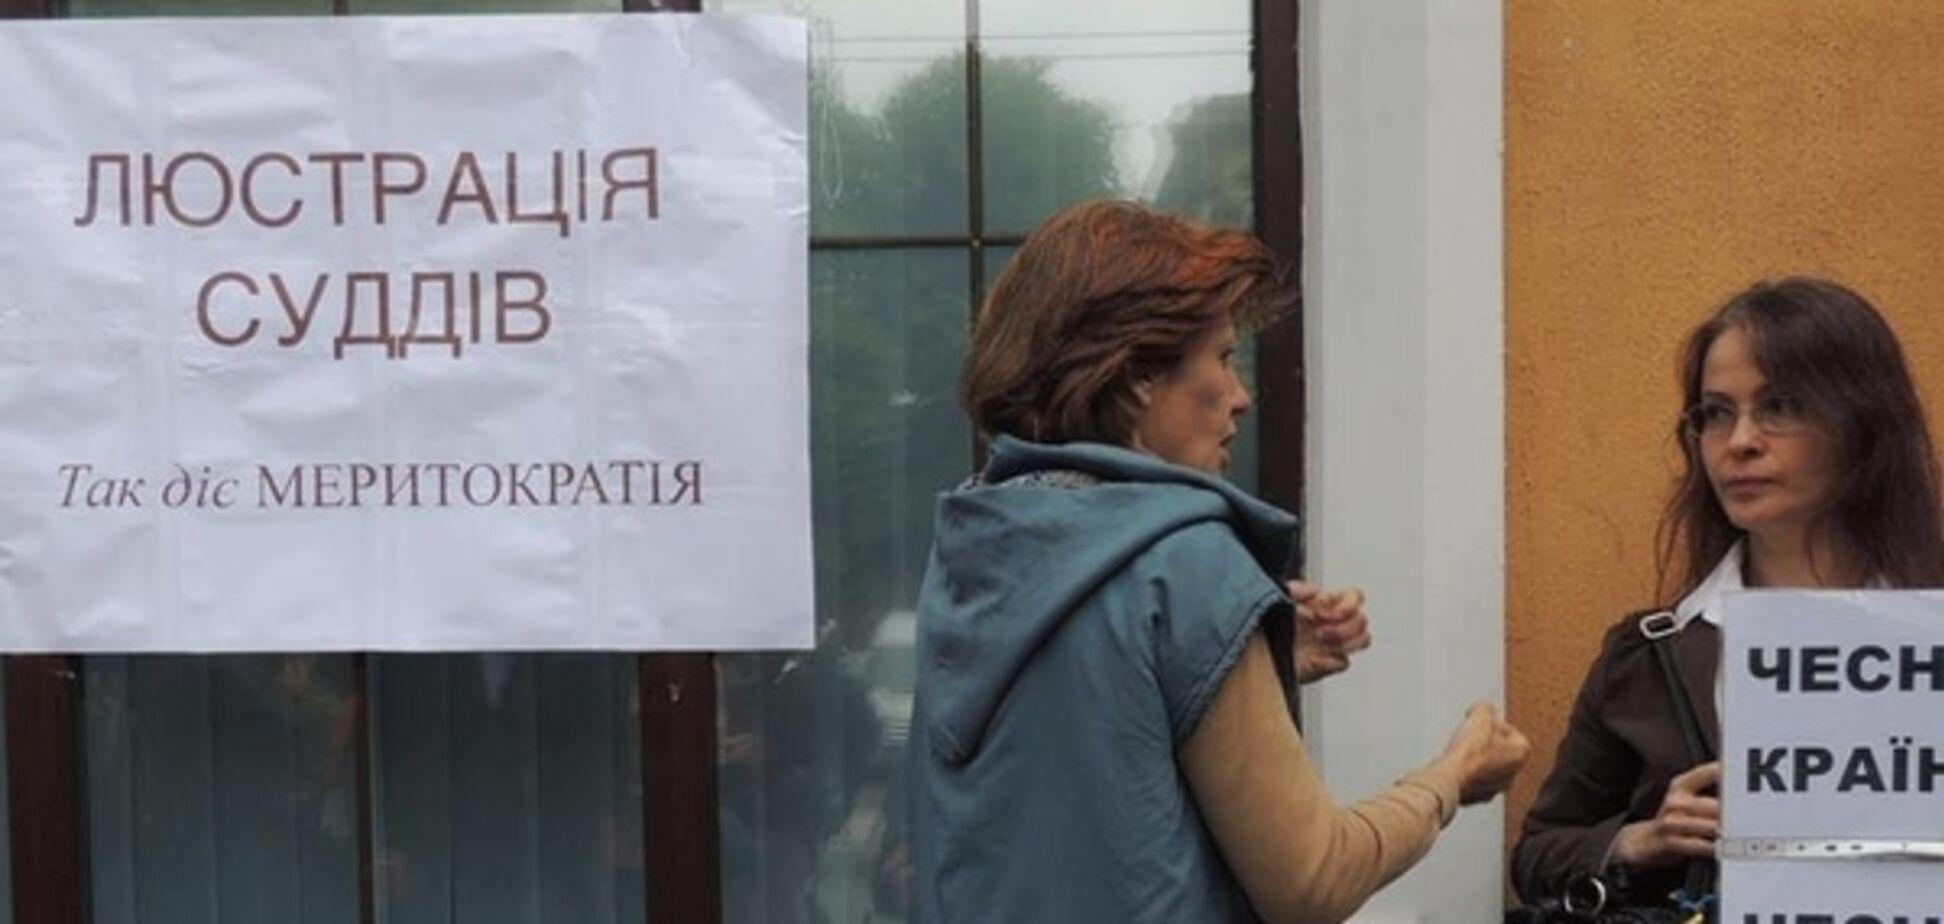 В ЕС объяснили, почему в Украине невозможна люстрация всего судейского корпуса